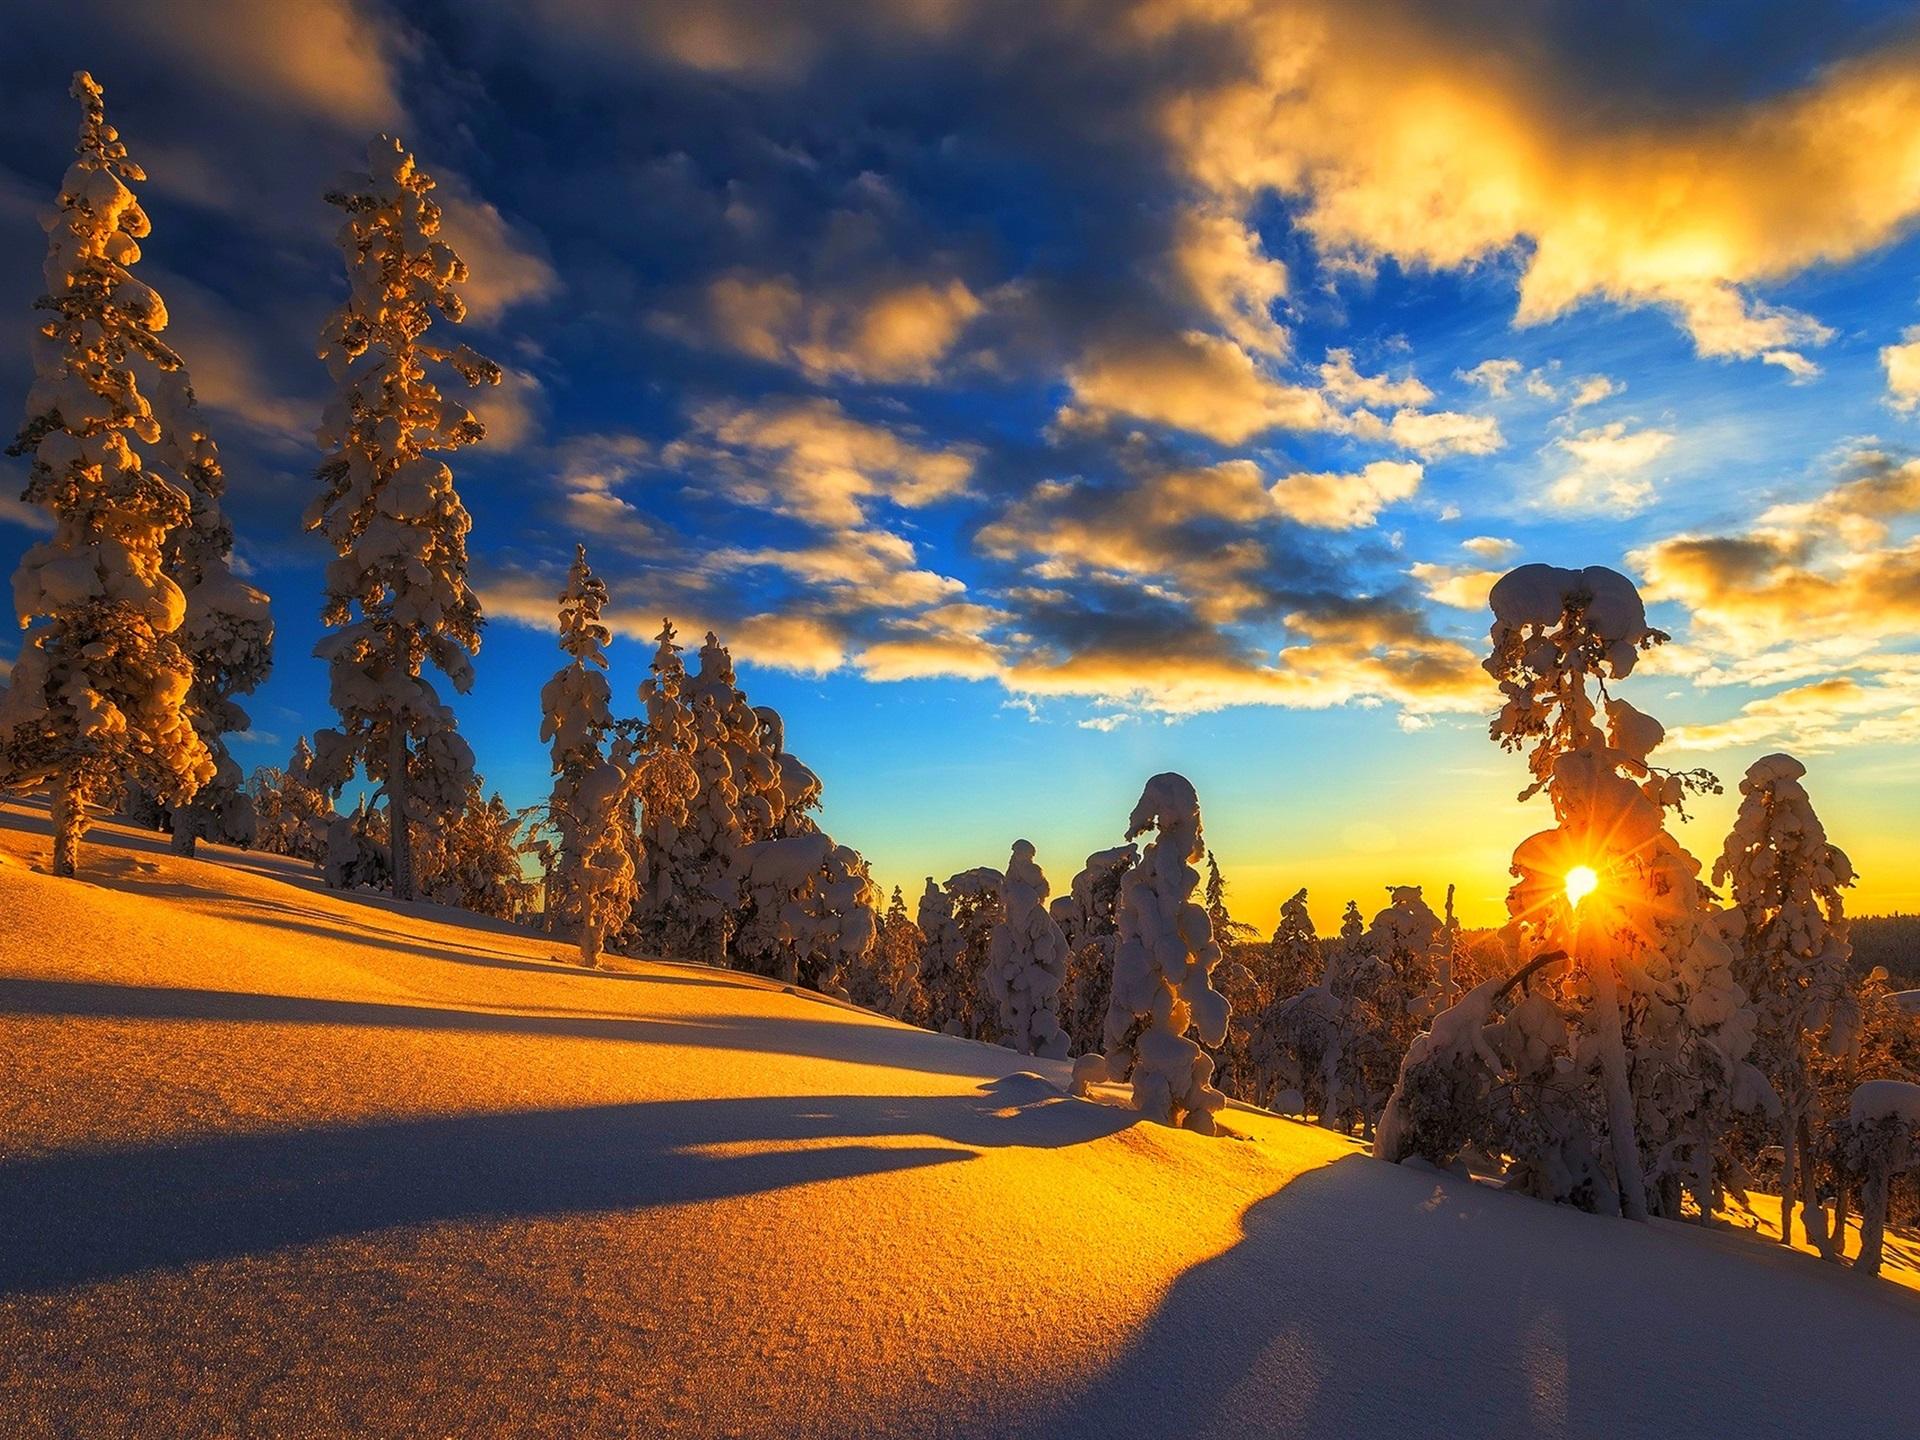 Montaña Nevada 1024x768: Fondos De Pantalla Invierno, Montaña, Nieve, árboles